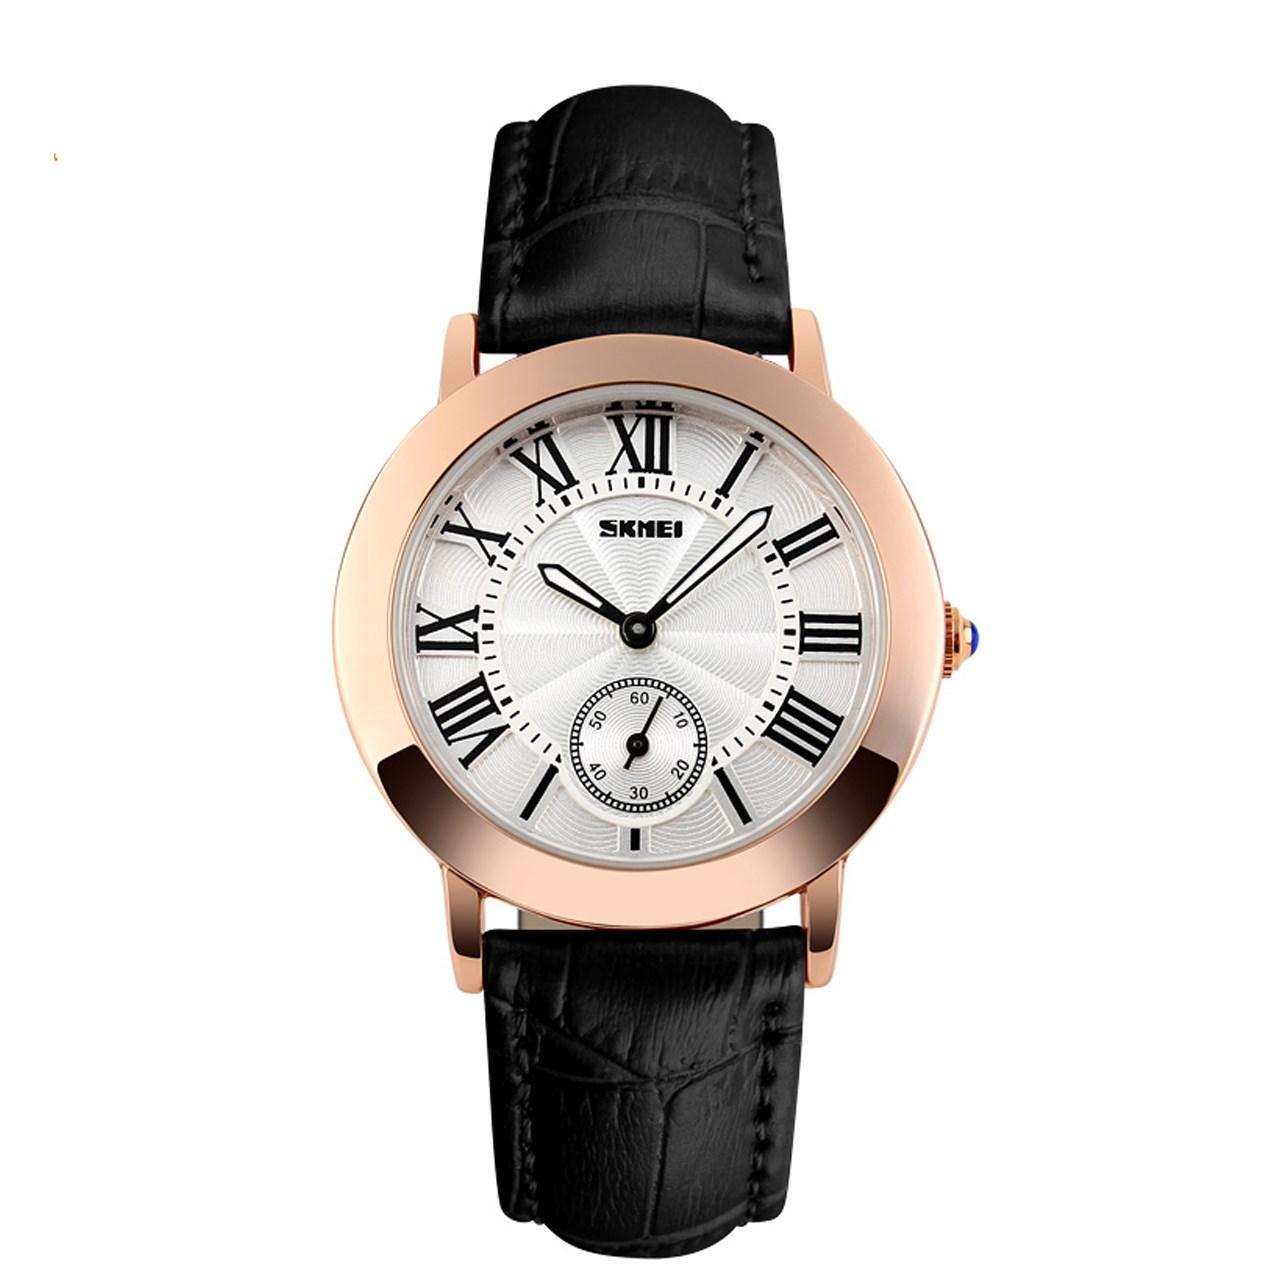 ساعت مچی عقربه ای زنانه اسکمی مدل 1083 کد 01